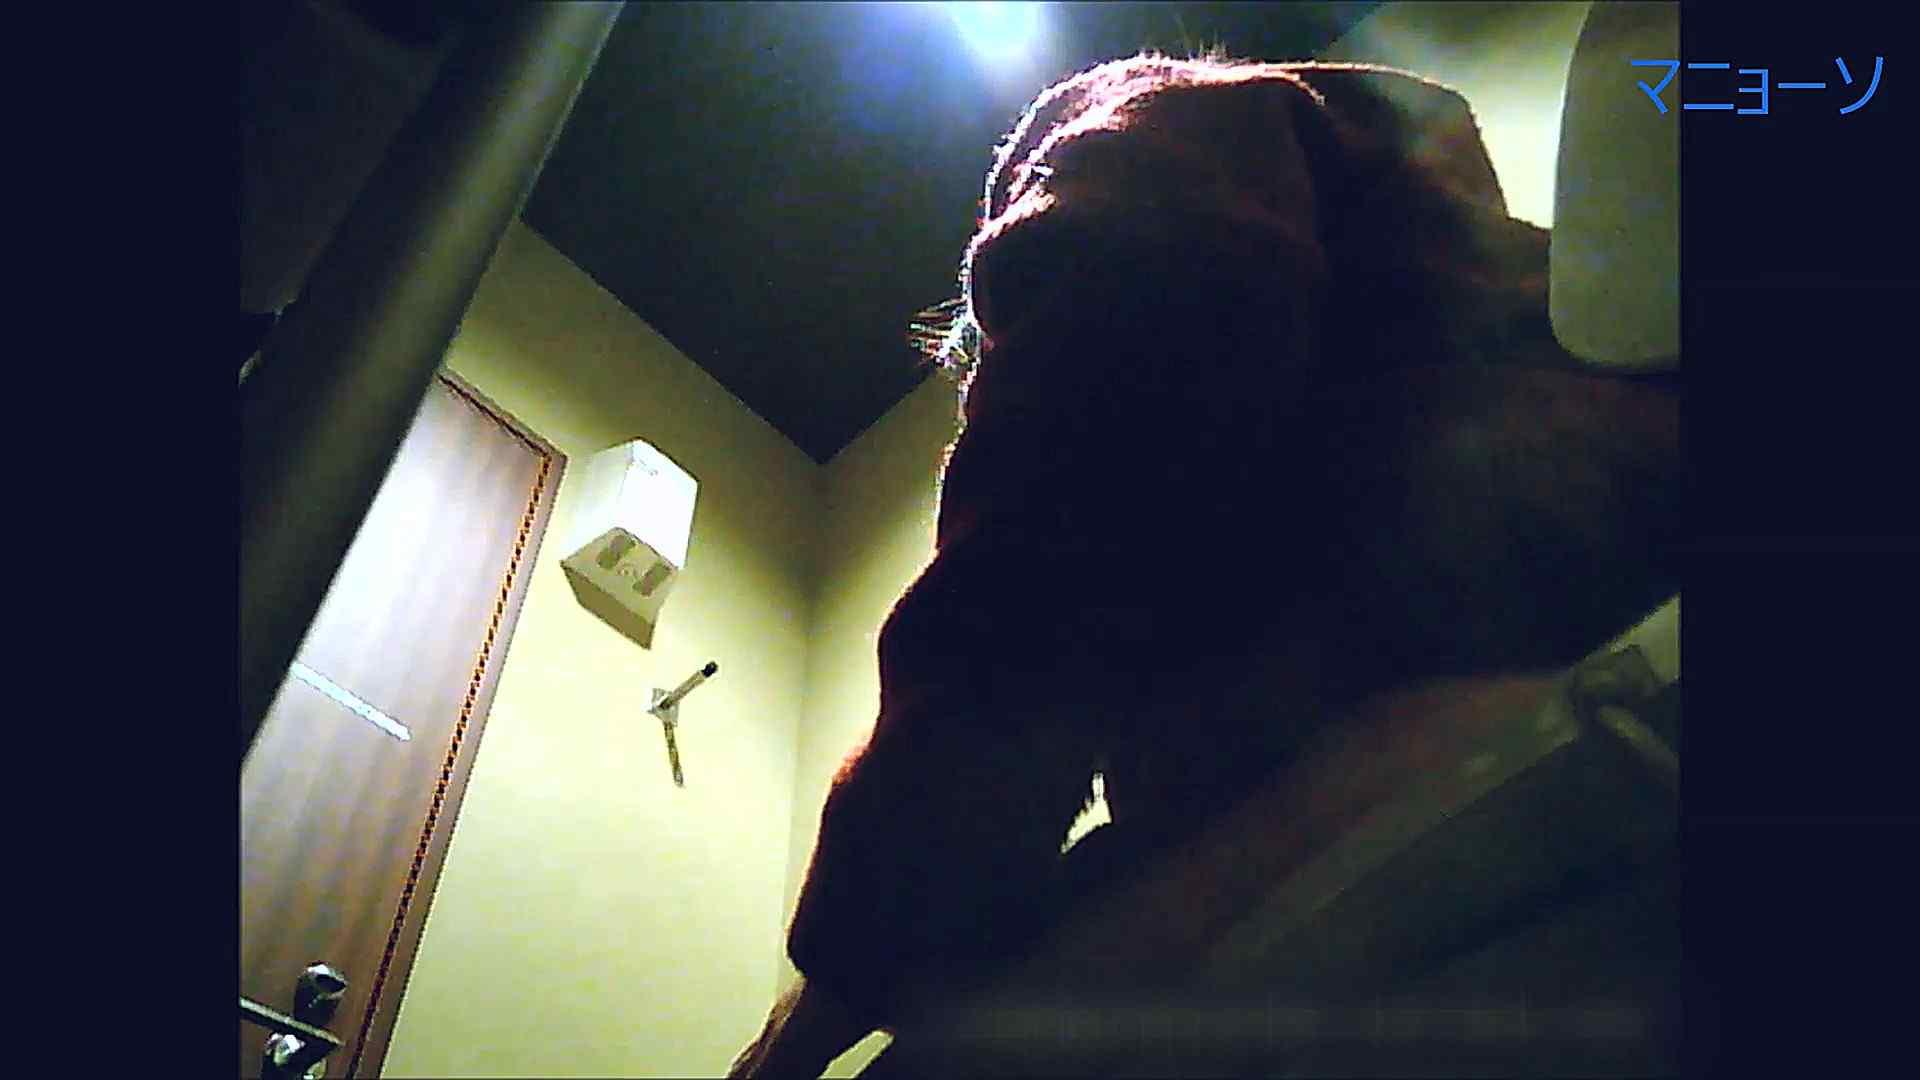 トイレでひと肌脱いでもらいました (JD編)Vol.07 トイレ中 | OL  36連発 13